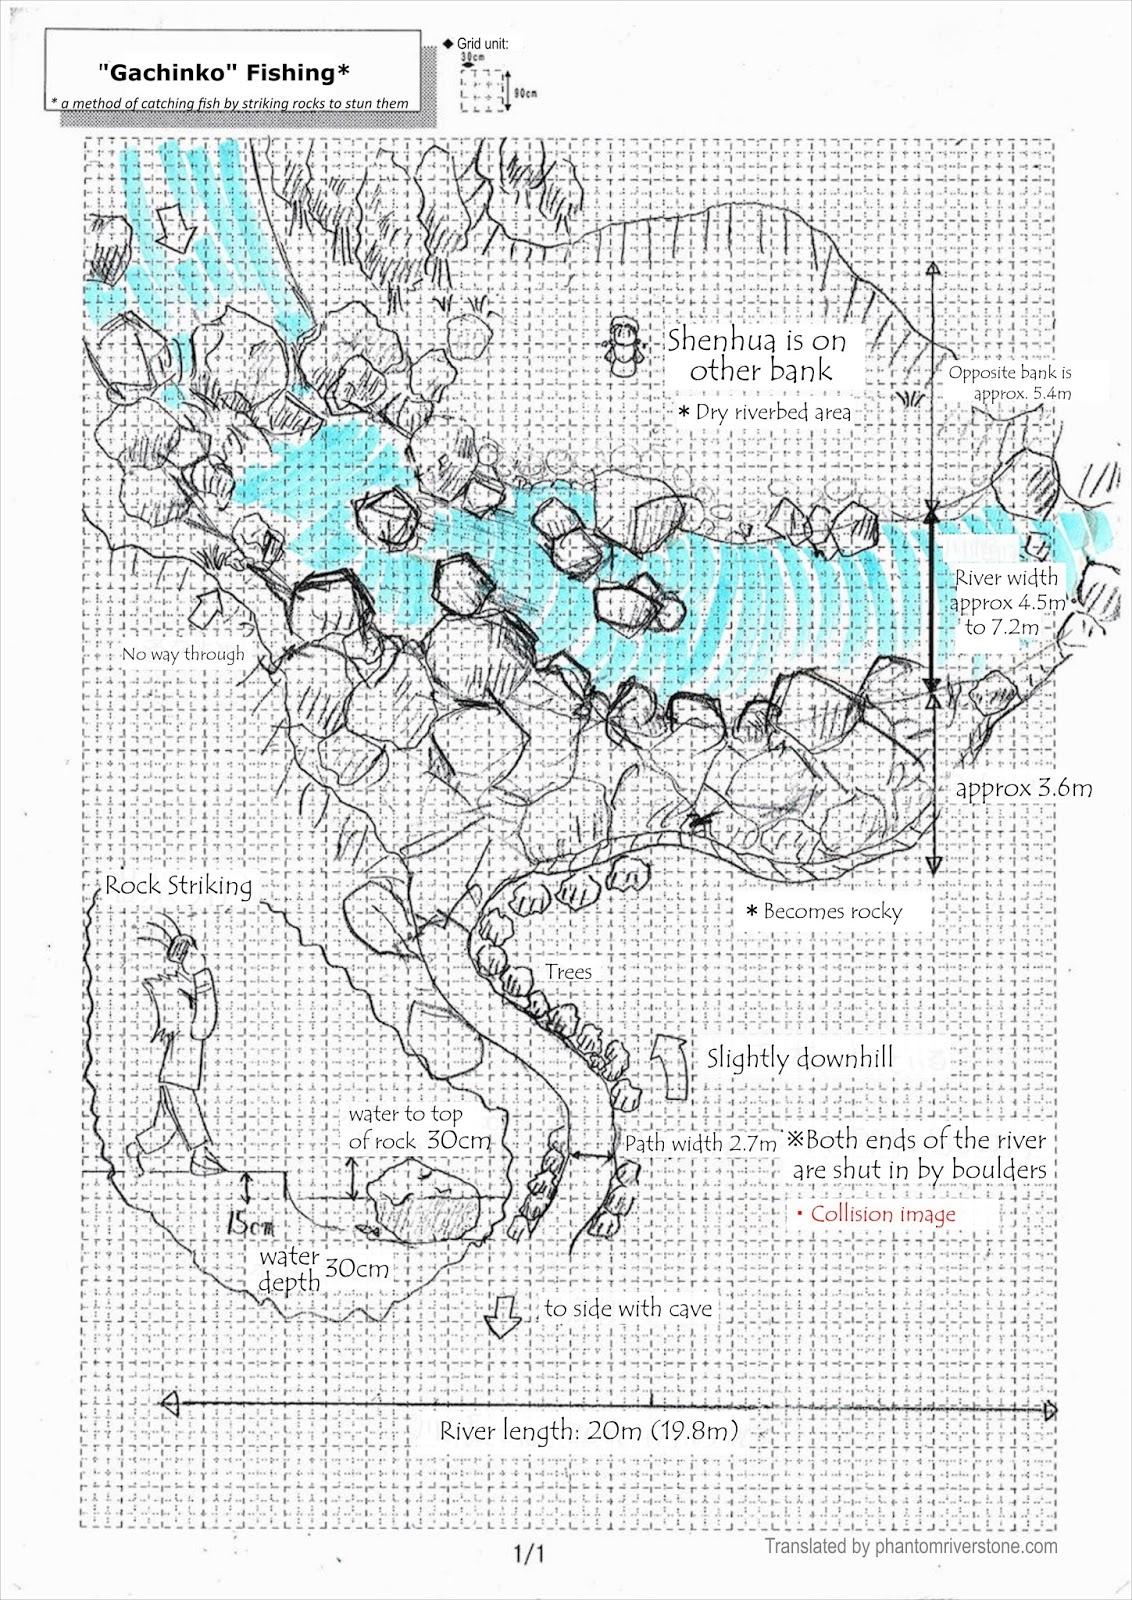 Fishing design - full document